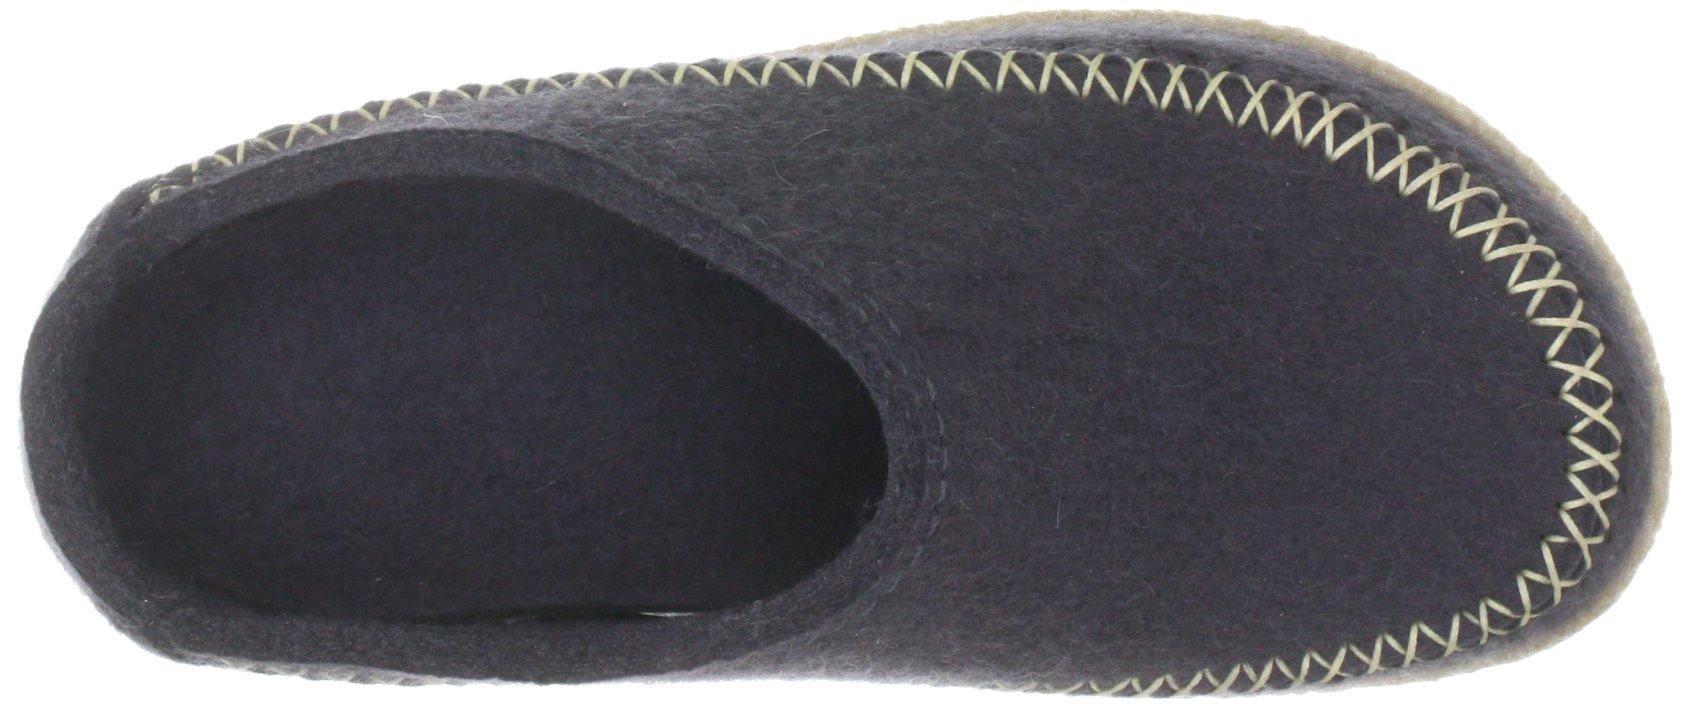 Haflinger 718001 Slippers, Filztofel Blizzard Credo, Asphalt, Gr 41 by Haflinger (Image #7)